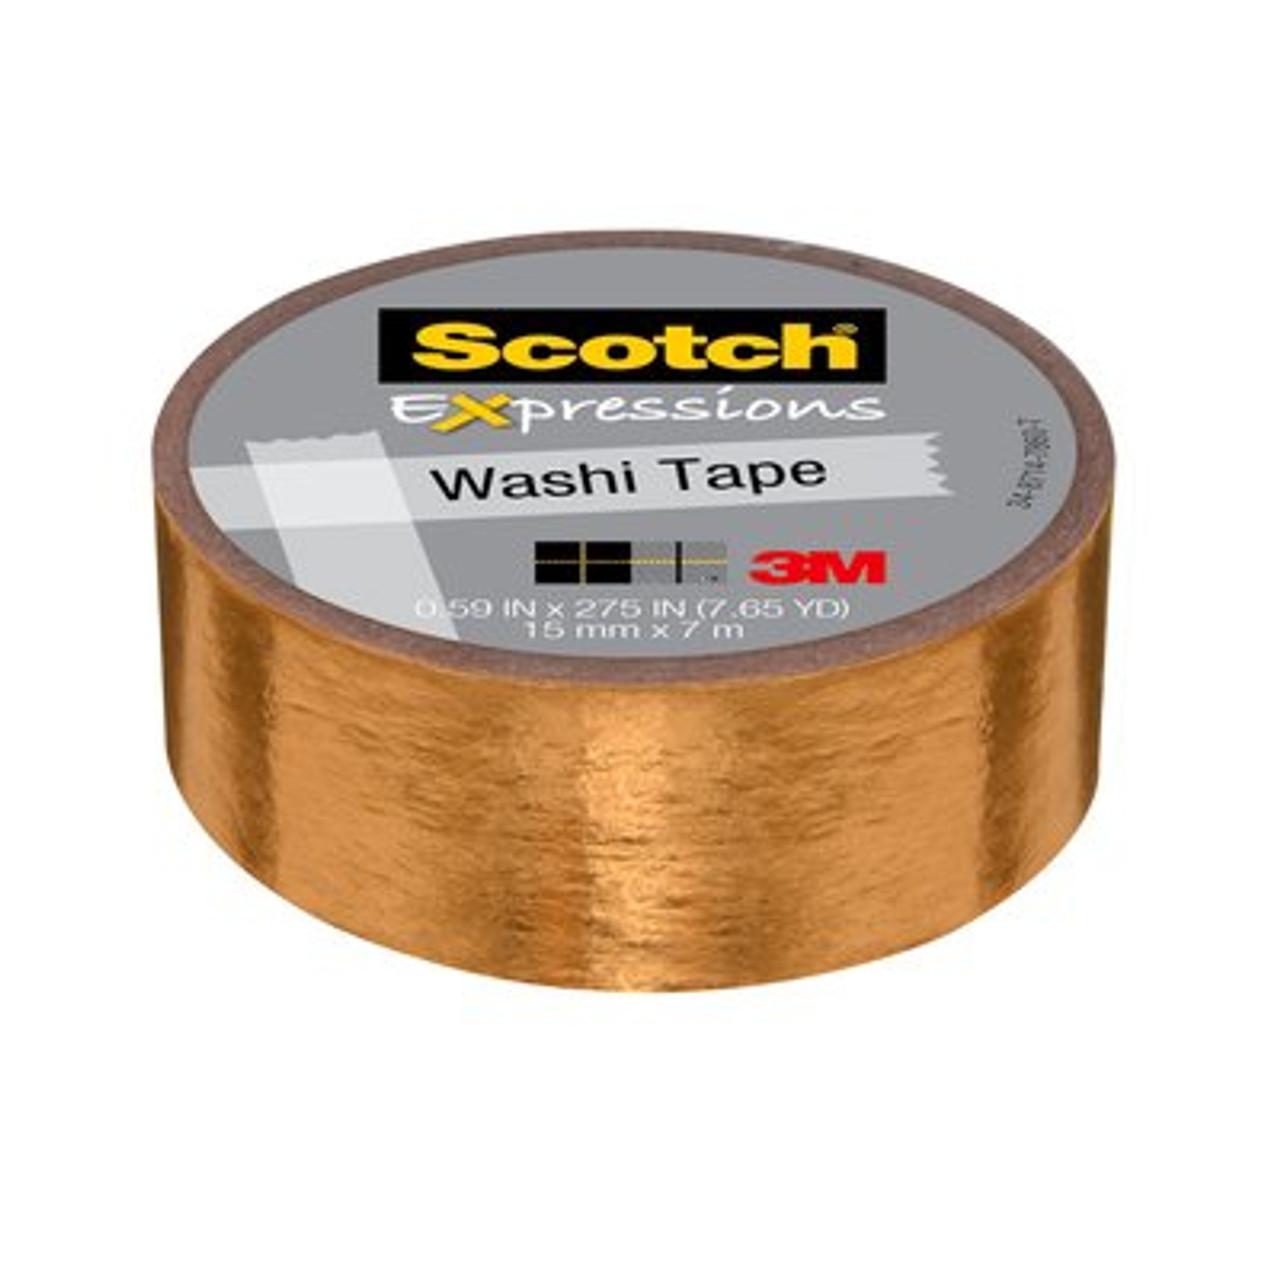 Scotch® Expressions Washi Tape C614-GLD, .59 in x 275 in (15 mm x 7 m) Gold Foil